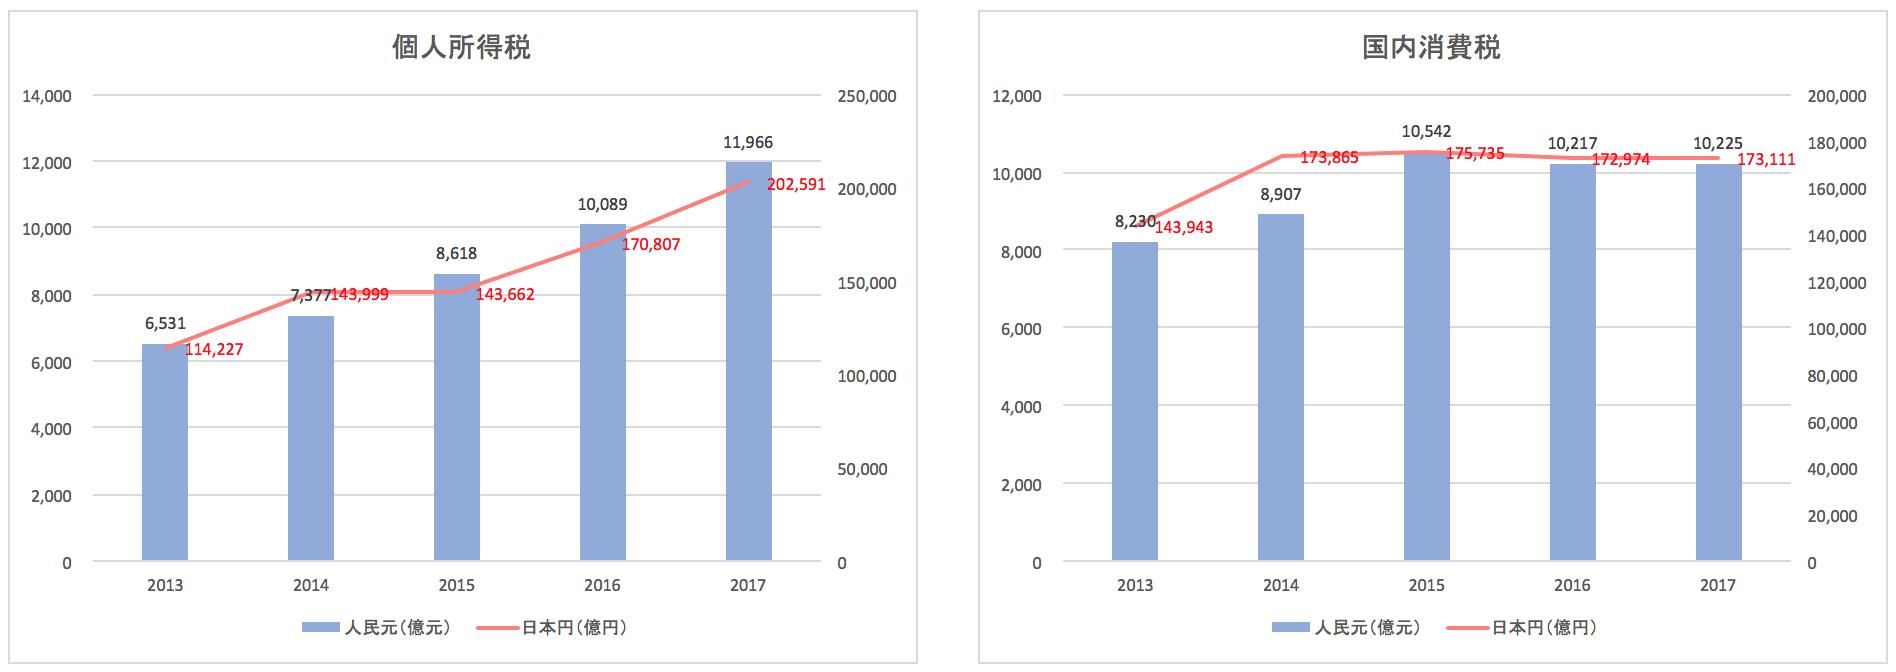 中国の税収推移(個人所得税、国内消費税)